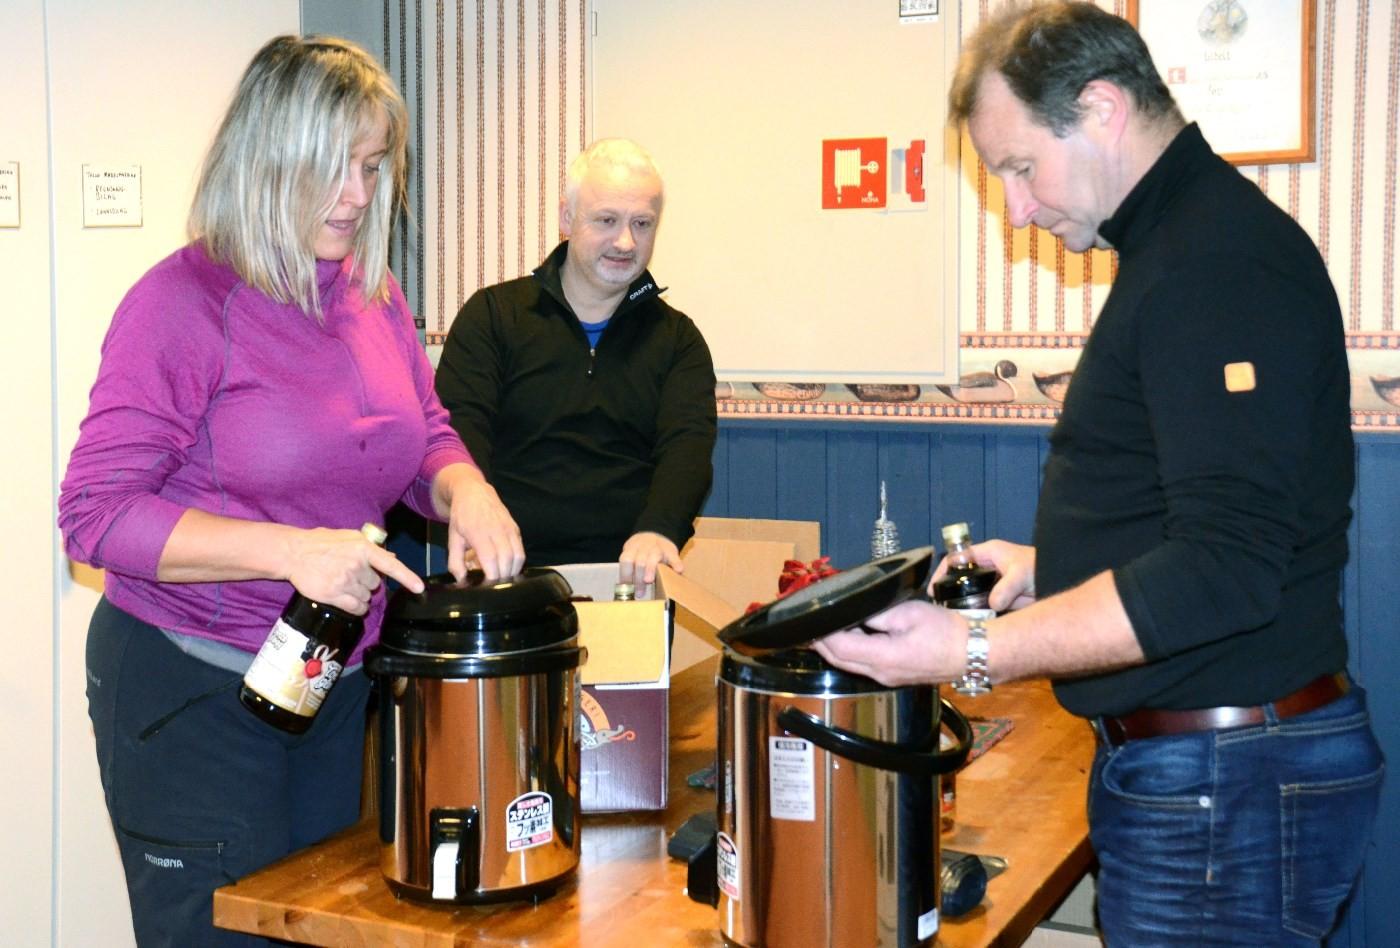 Gløgg på høggir!  Frå venstre Anita Talgø, Steinar Frøystad og Ola Bruset.  Foto: Jon Olav Ørsal